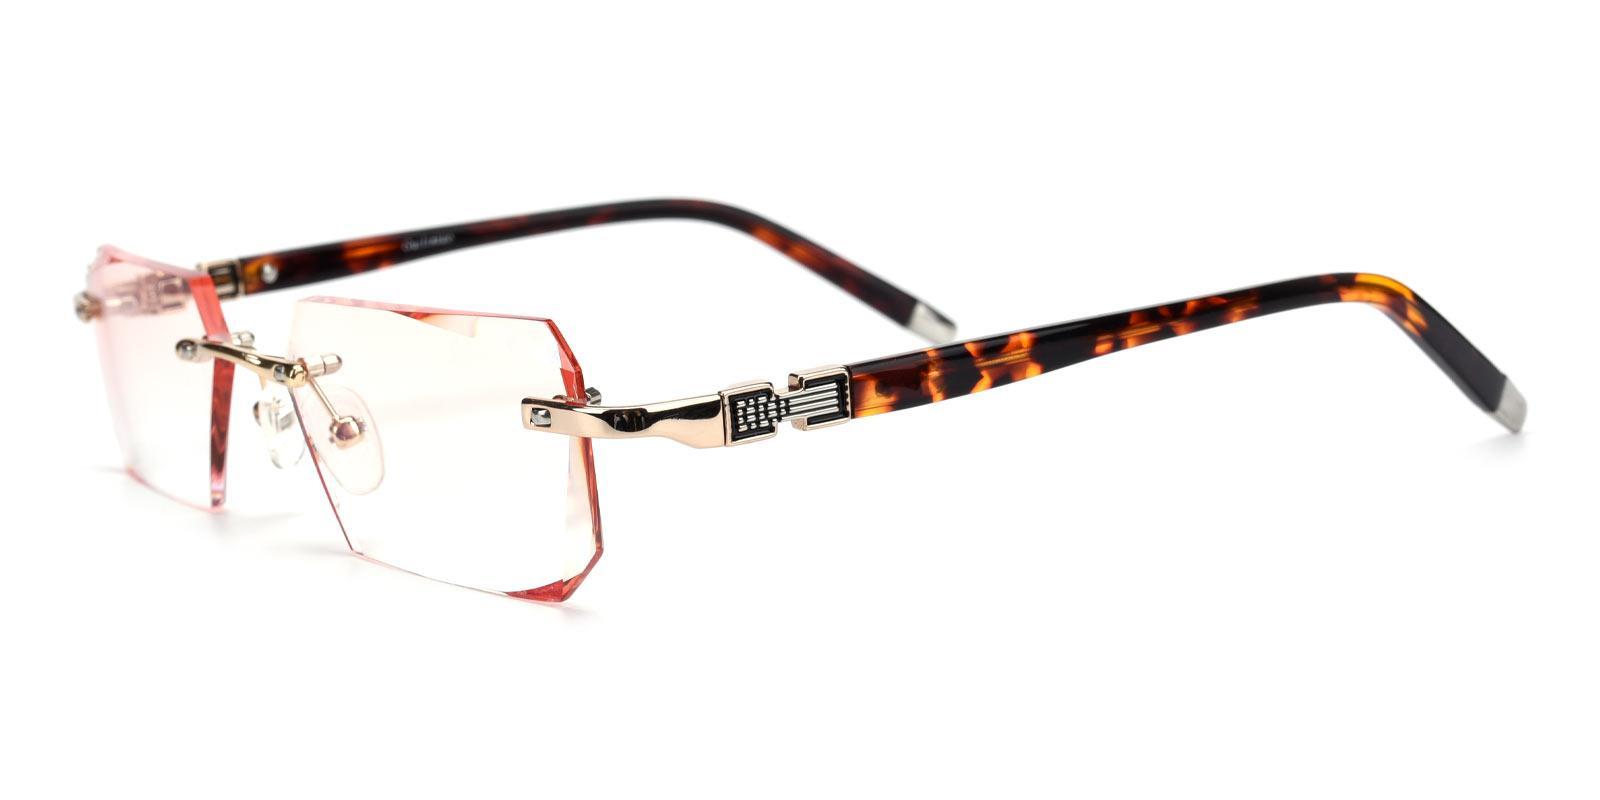 Somalia-Gold-Varieties-Titanium-Eyeglasses-additional1